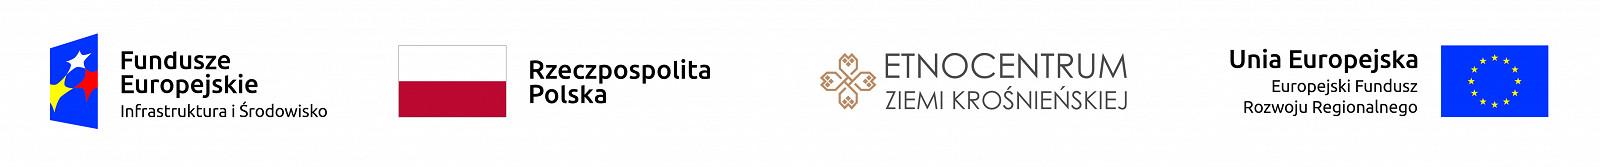 Etnocentrum Ziemi Krośnieńskiej w Zakopanem! - zdjęcie w treści